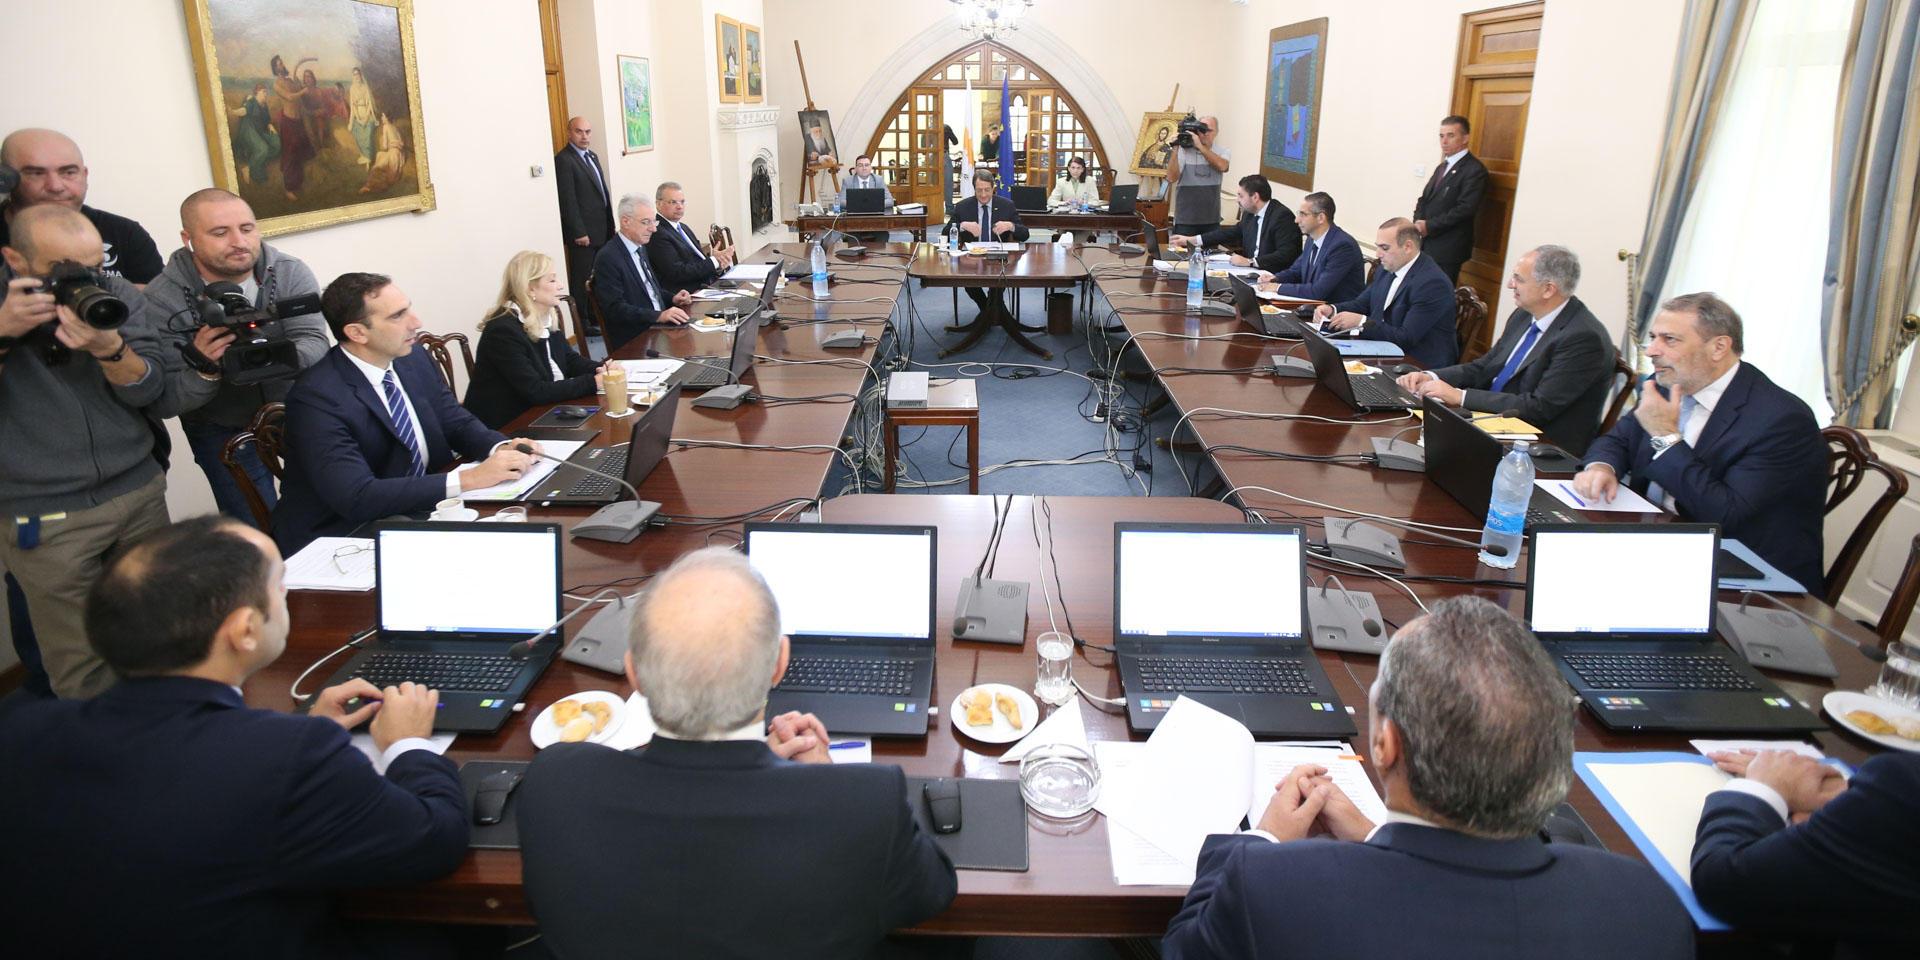 Κύπρος: Αύξηση 19 εκ. ευρώ στο επίδομα των χαμηλοσυνταξιούχων